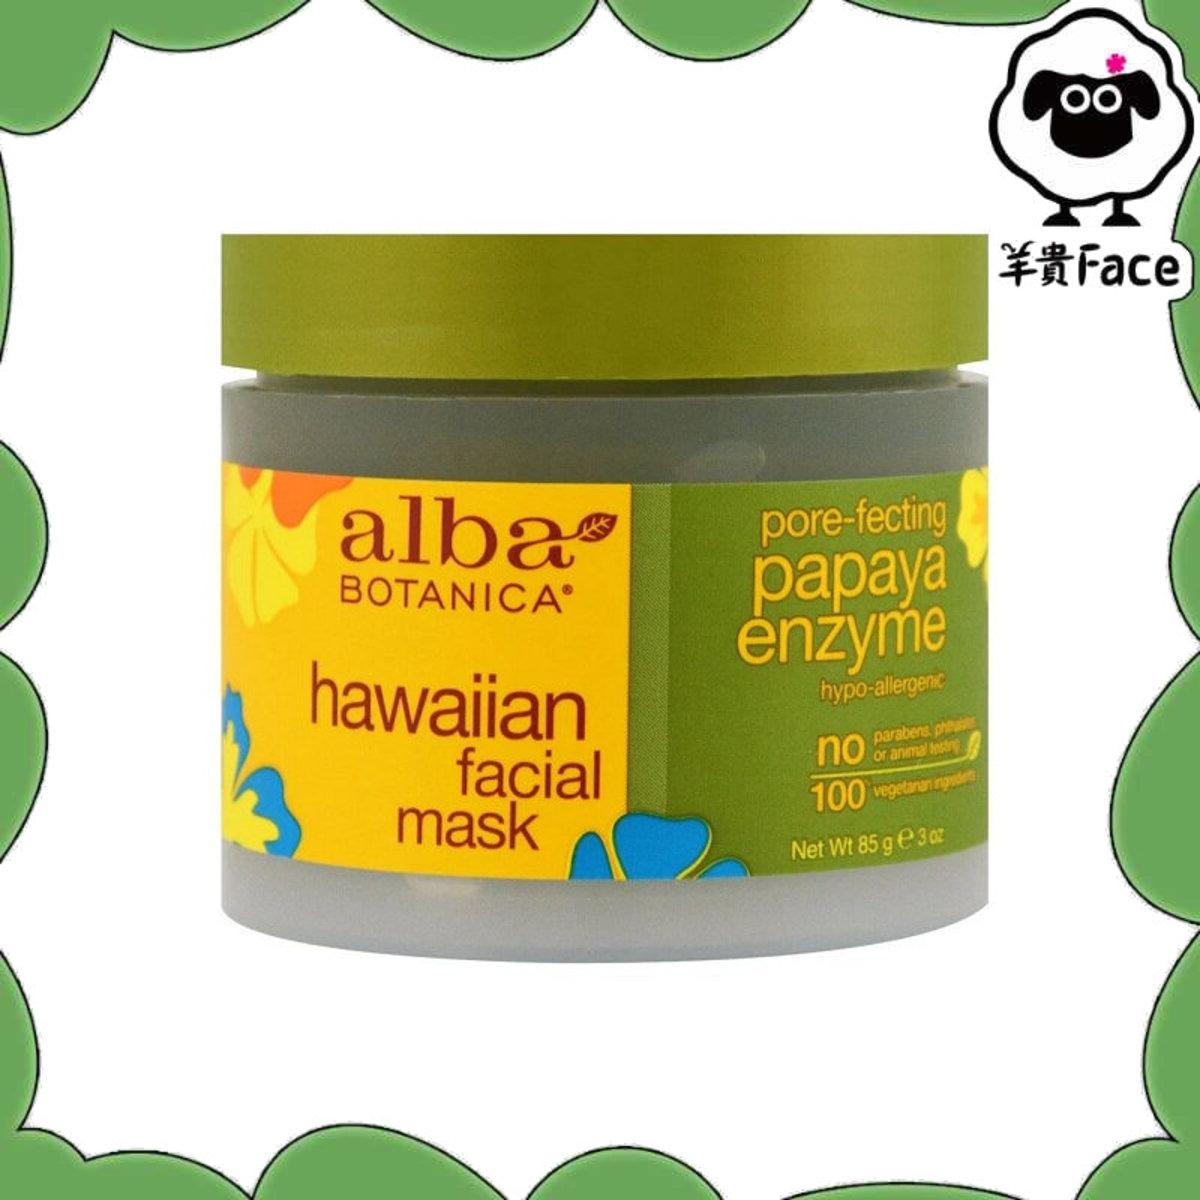 夏威夷天然收縮毛孔木瓜酵素面膜 (85g)